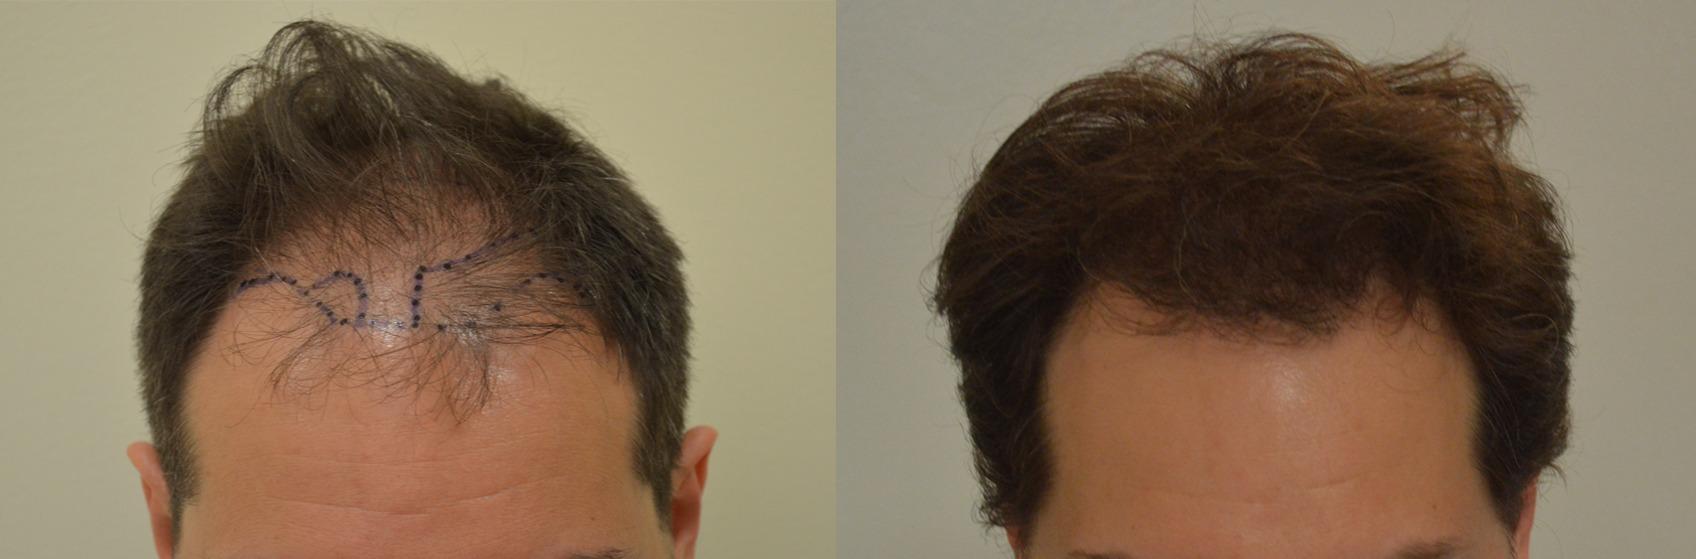 Alcuni farmaci possono provocare la caduta di capelli